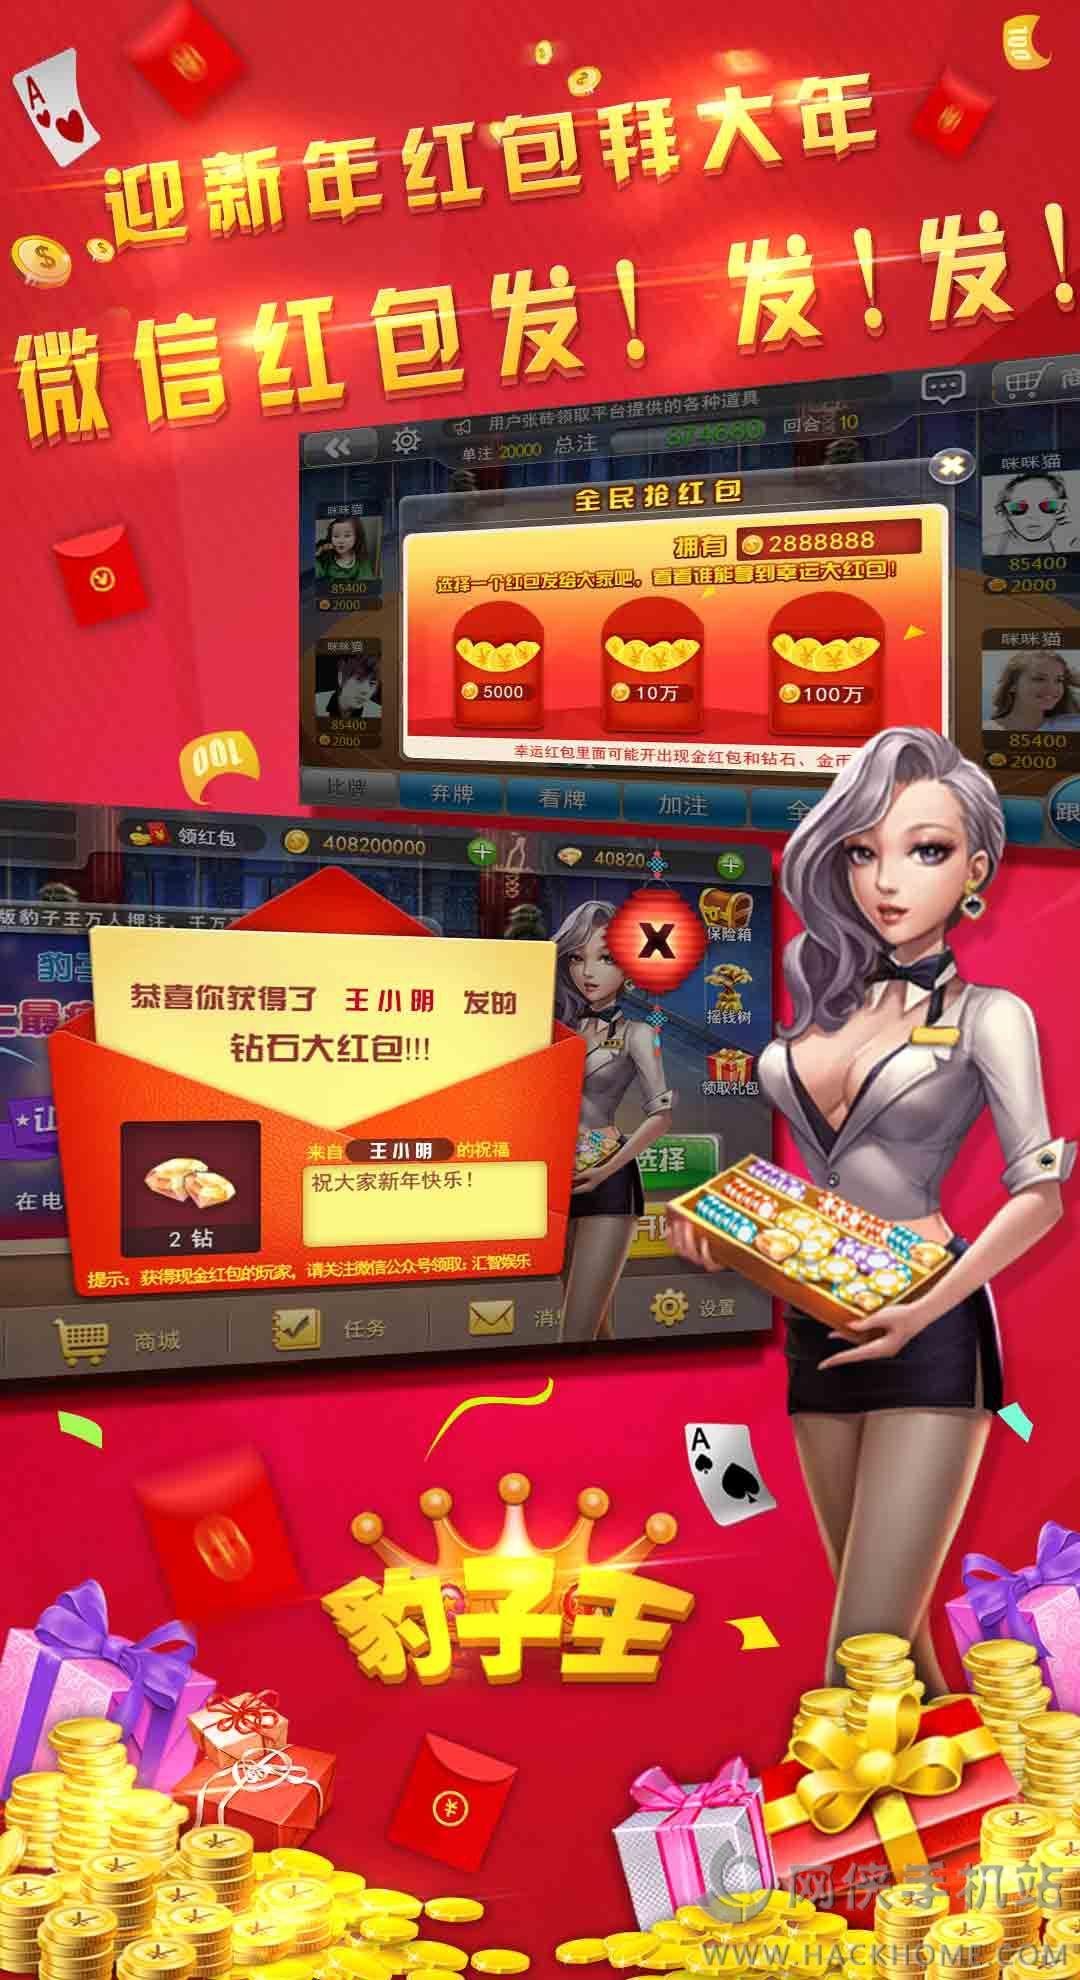 游戏豹子王�������·��_中国小麦网